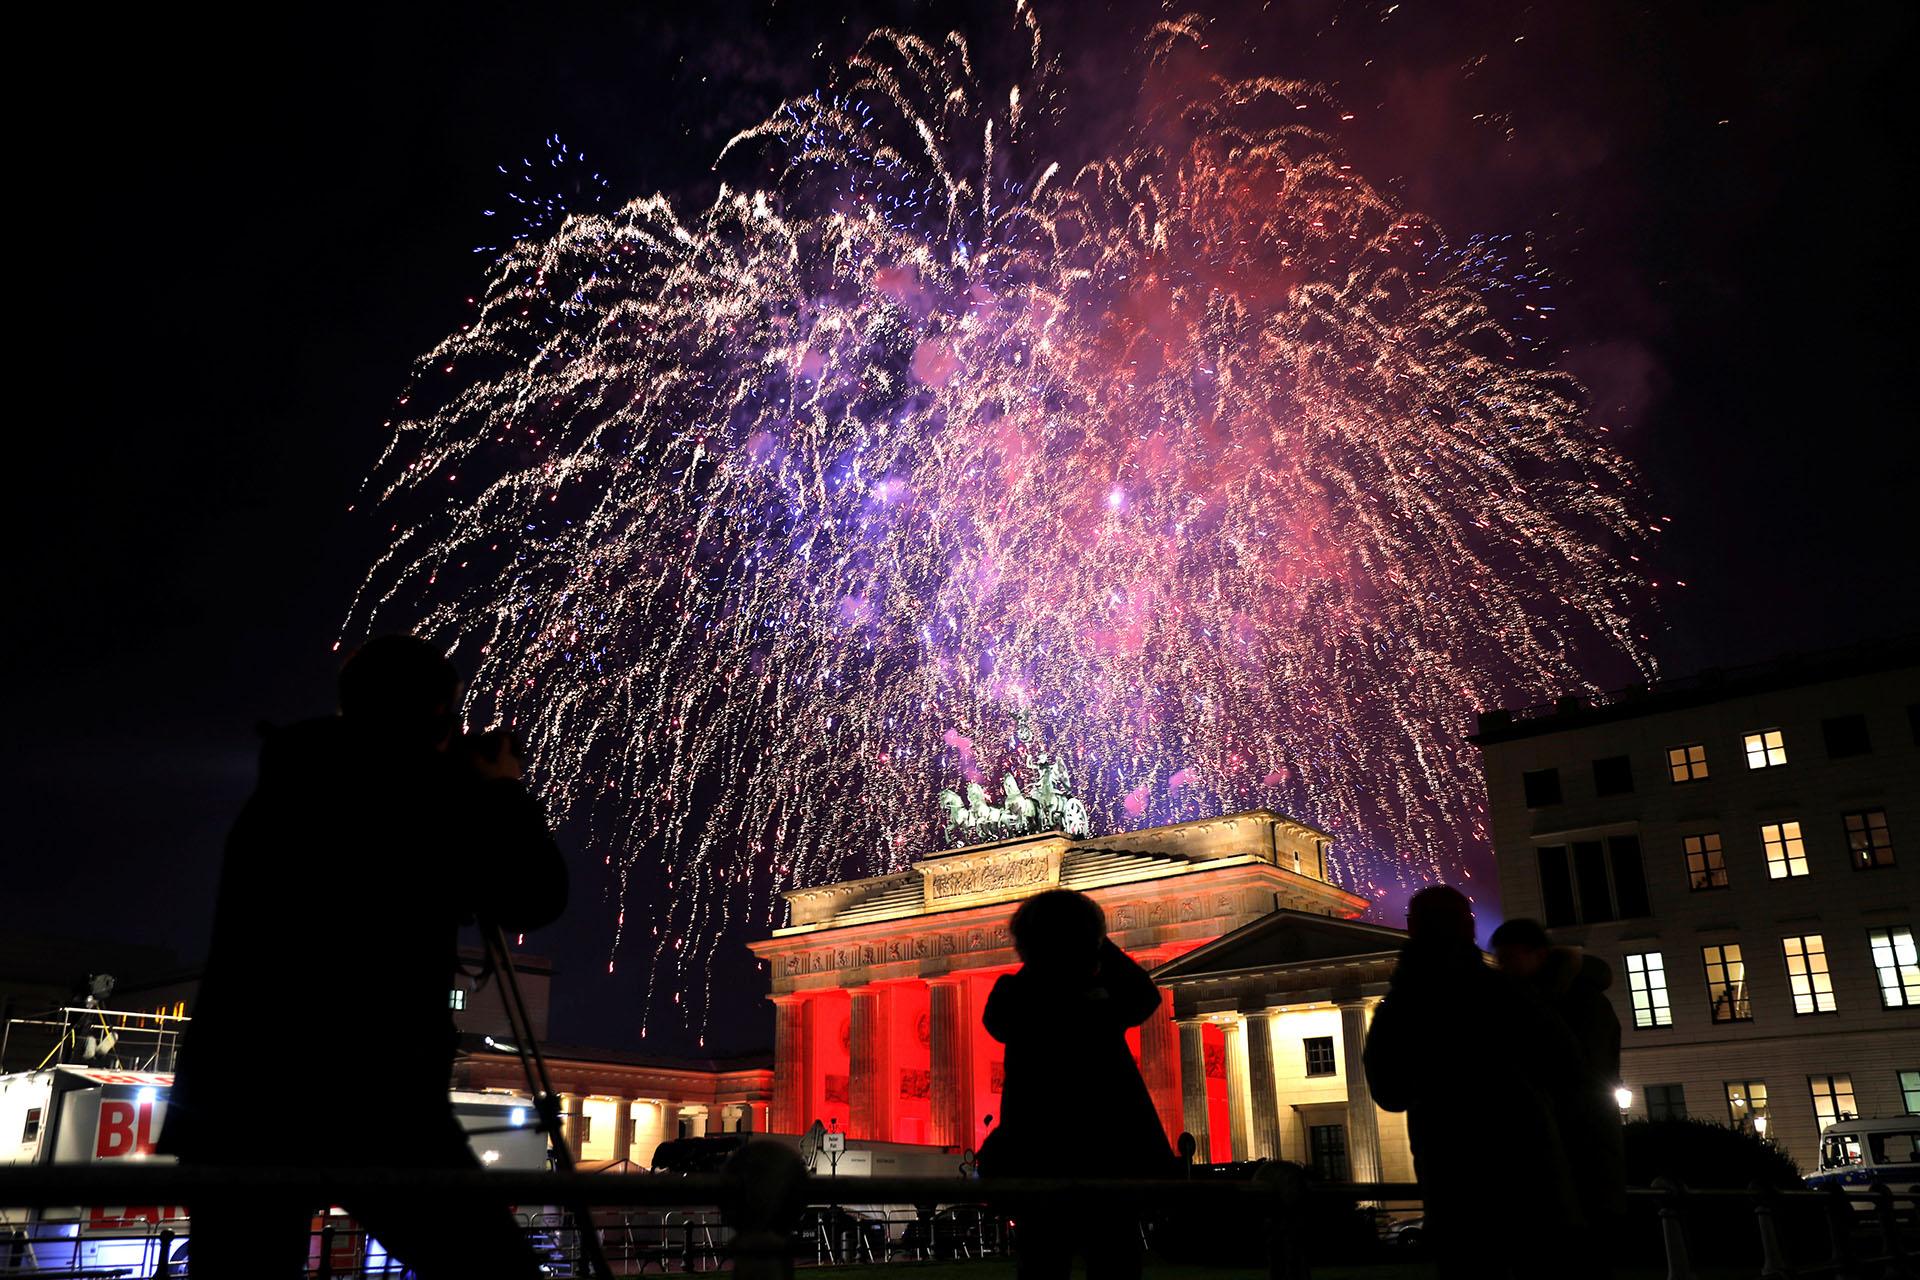 Fuegos artificiales sobre la Puerta de Brandeburgo en Berlín, Alemania(REUTERS/Hannibal Hanschke)